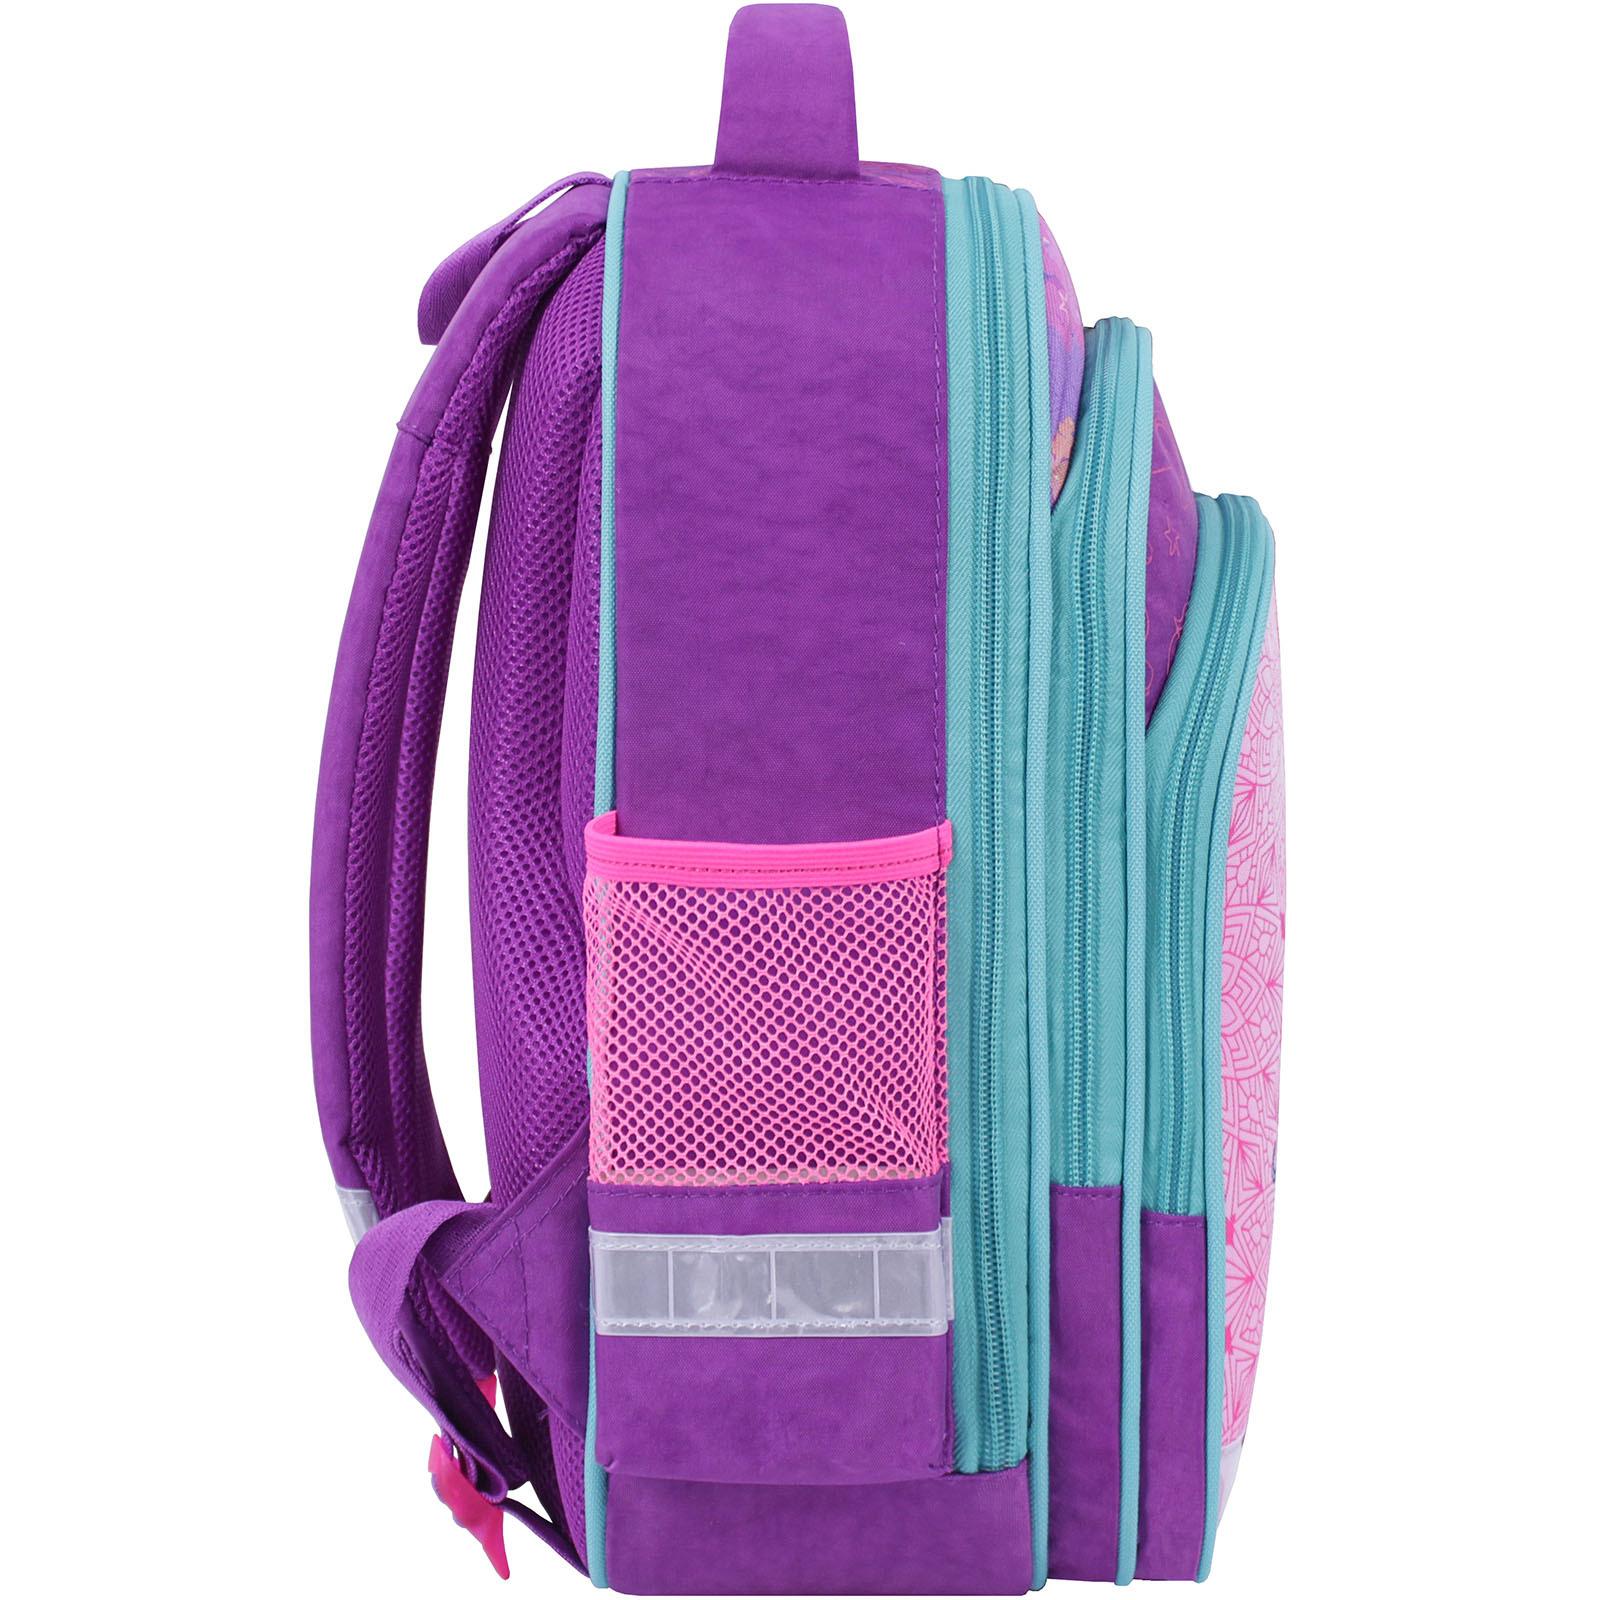 Рюкзак школьный Bagland Mouse 339 фиолетовый 596 (0051370) фото 2